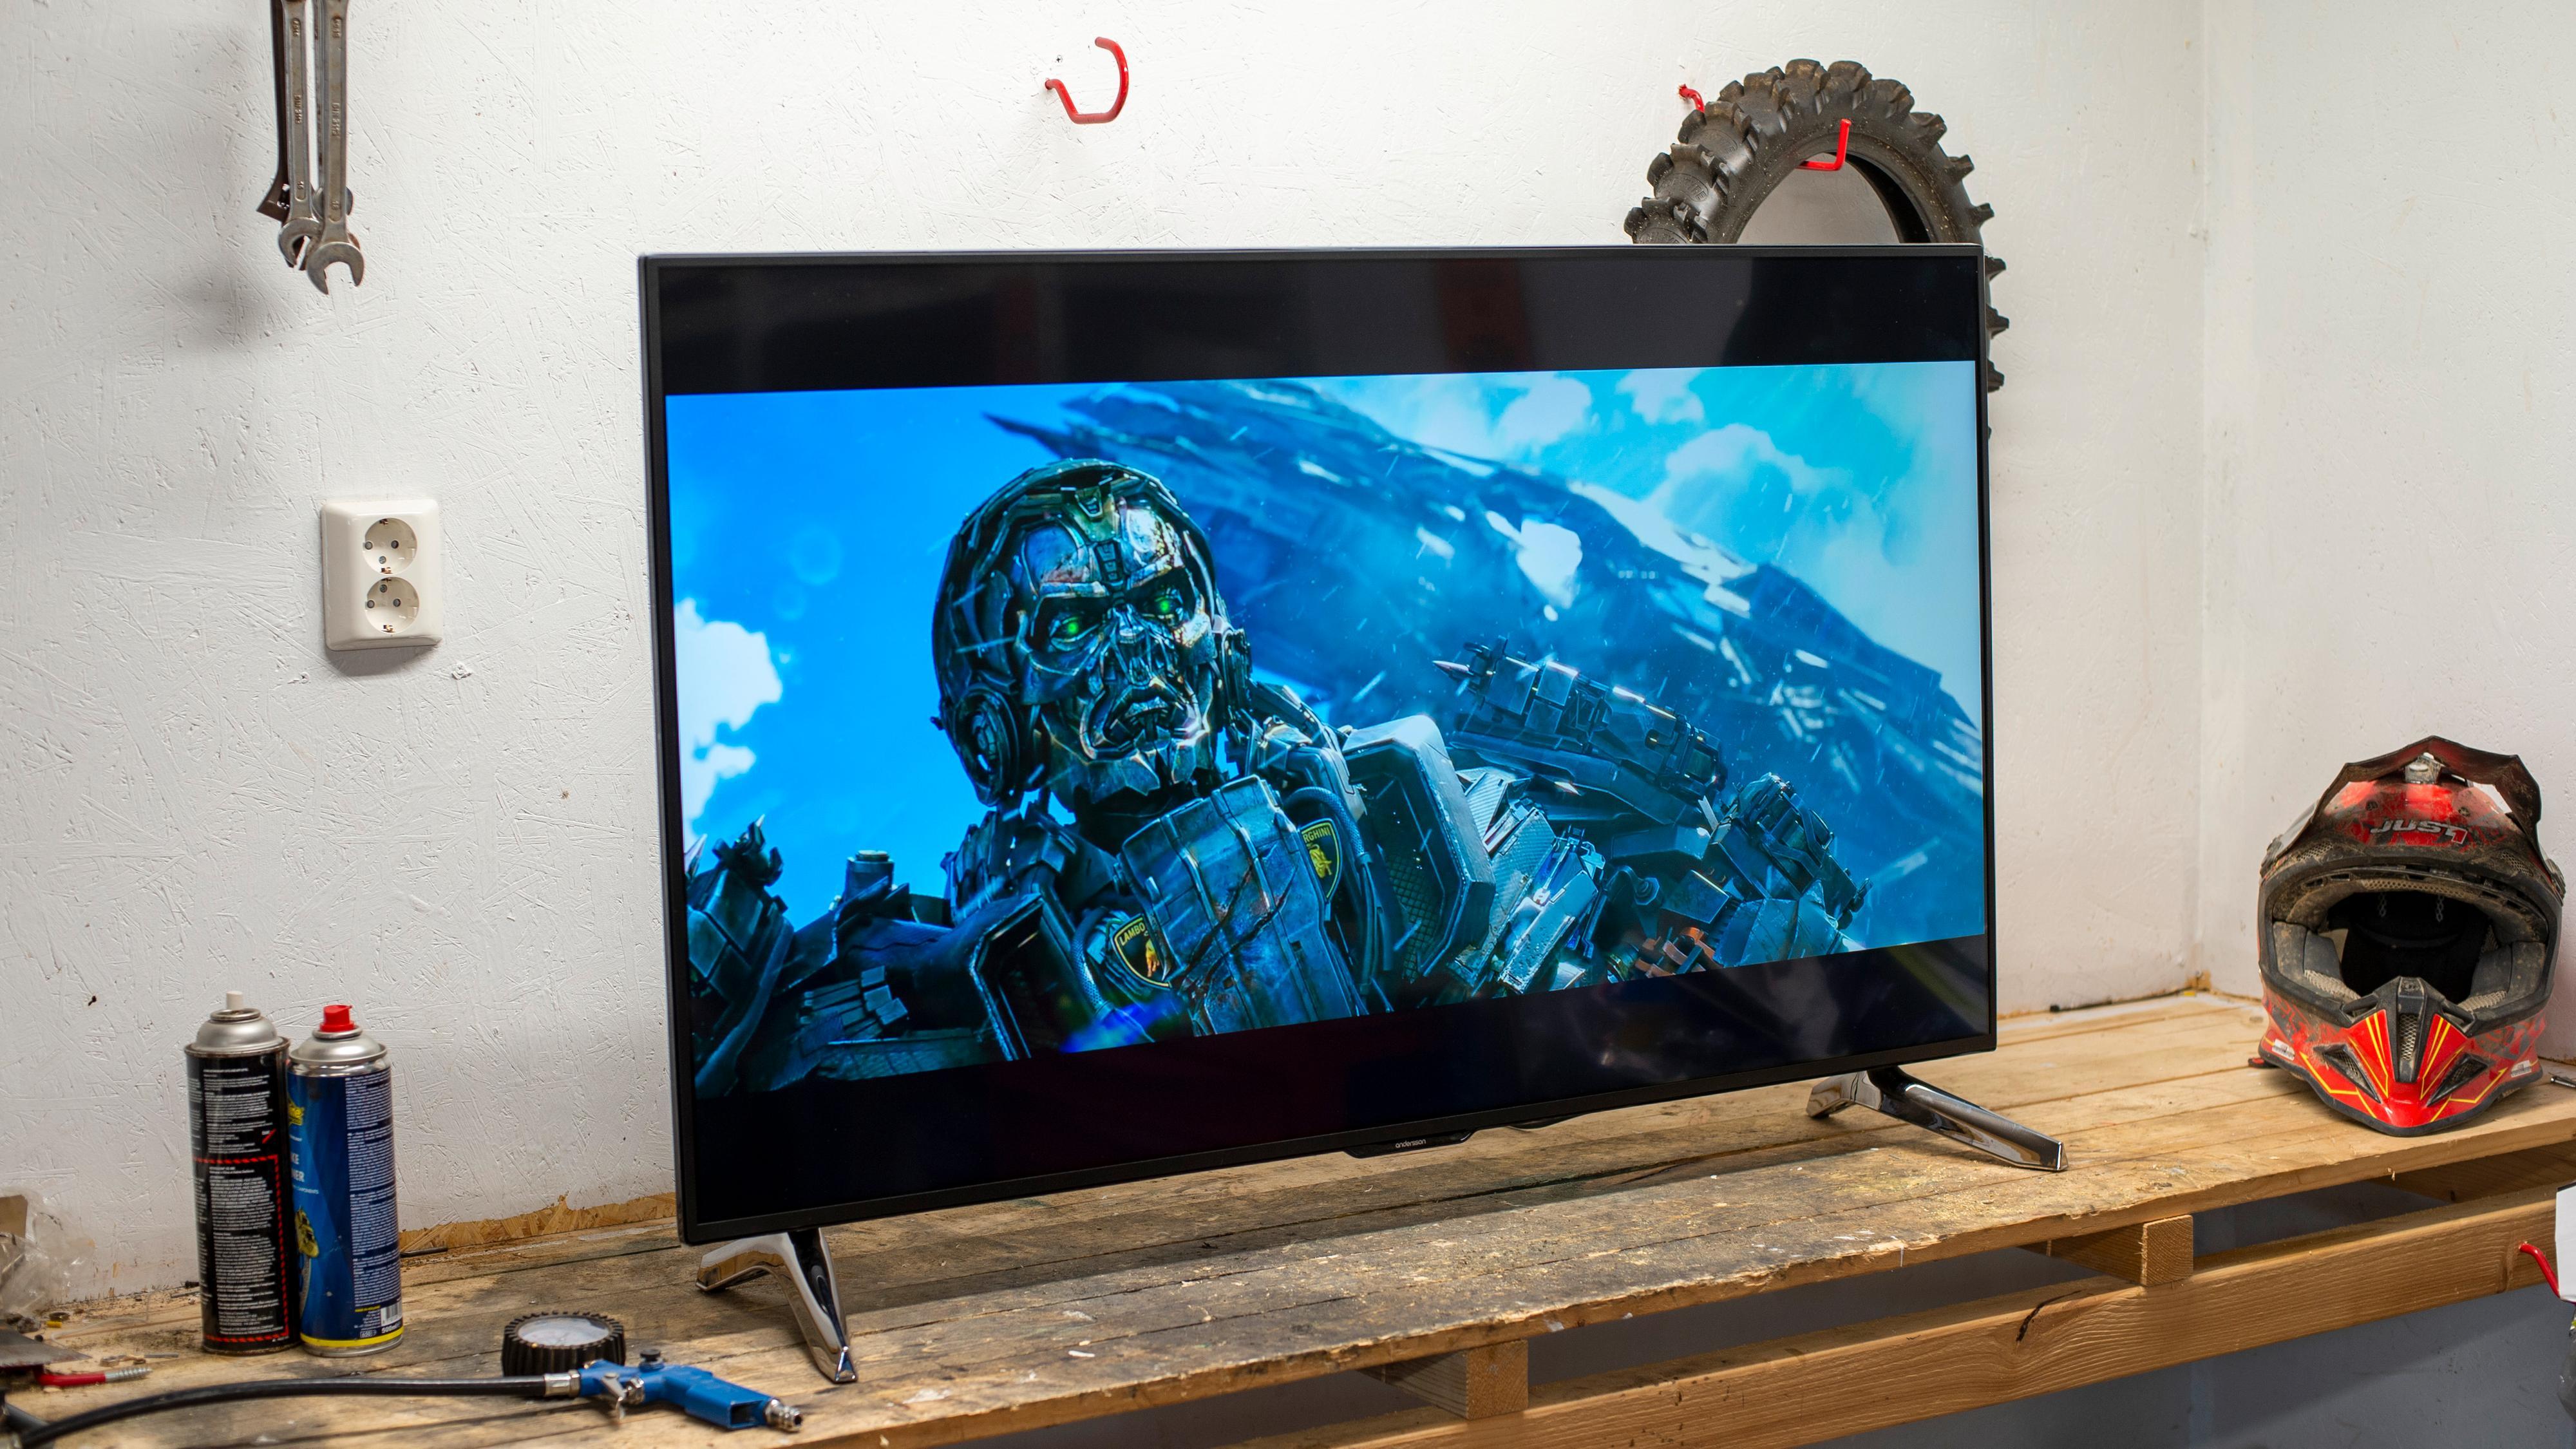 Denne TV-en koster under 5000 kroner